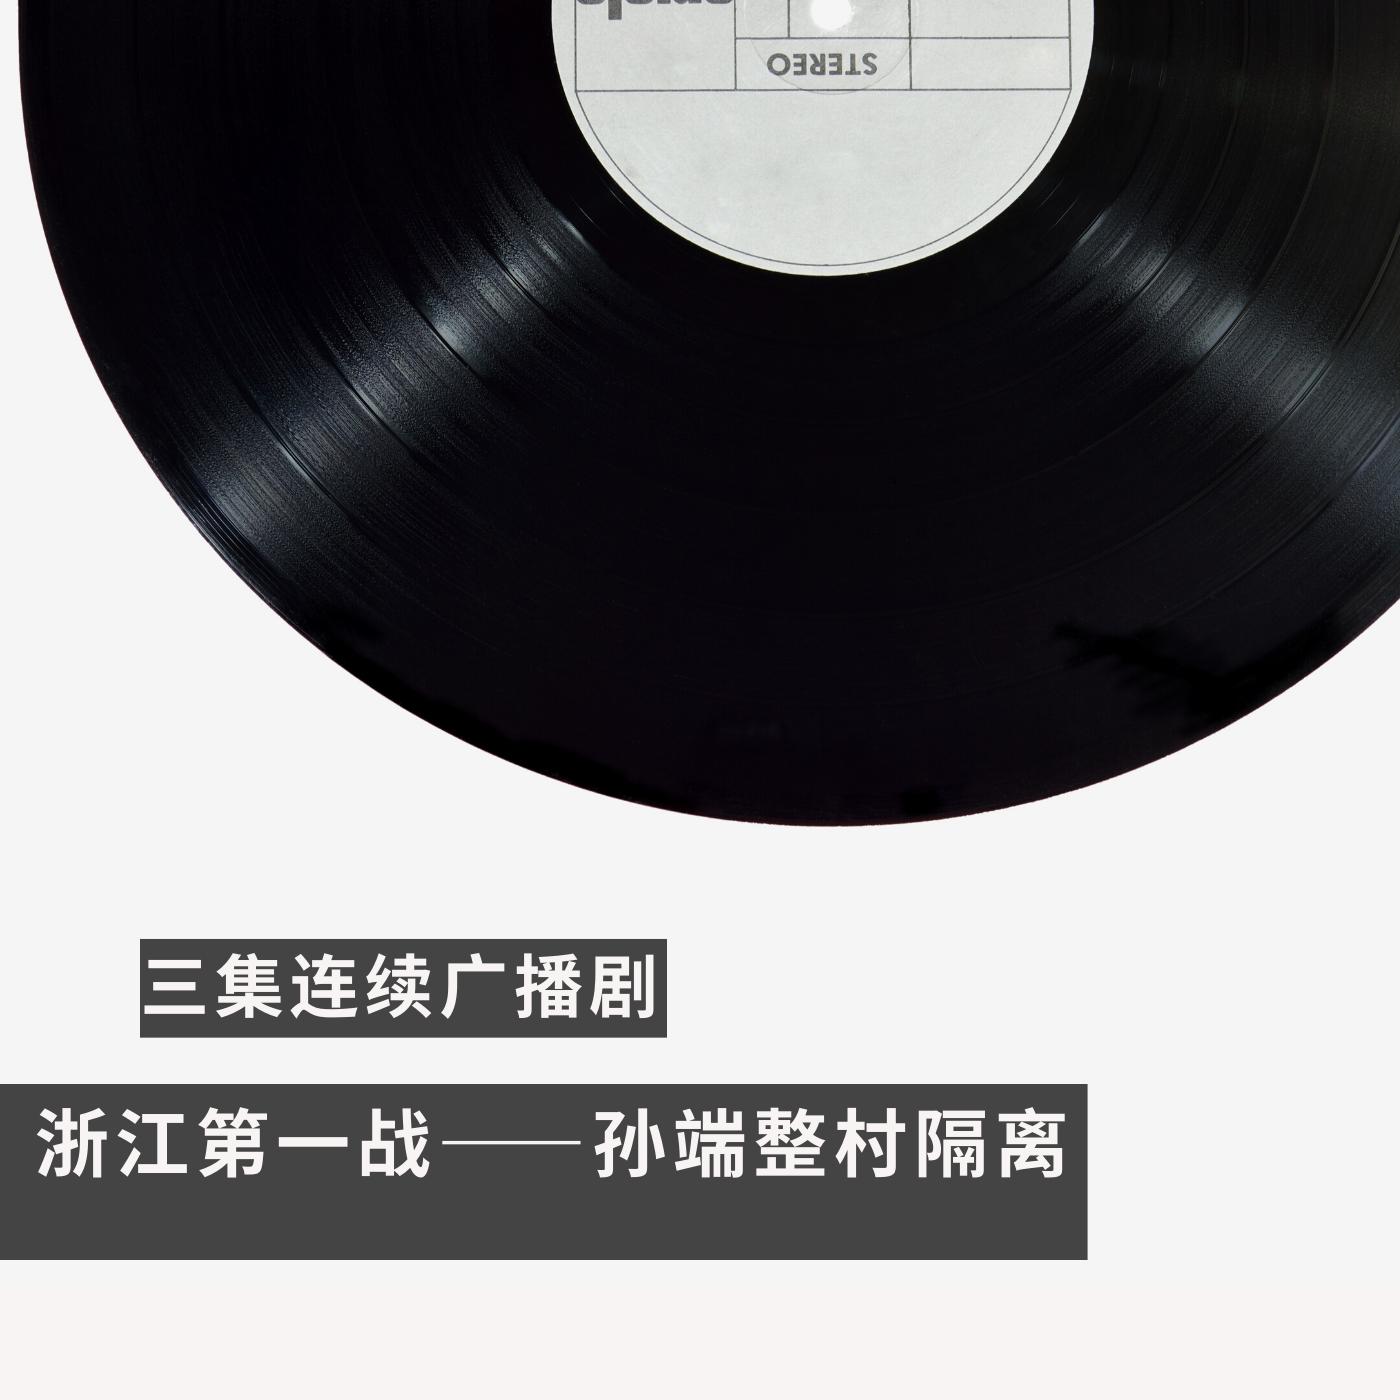 广播剧《浙江第一战——孙端整村隔离》